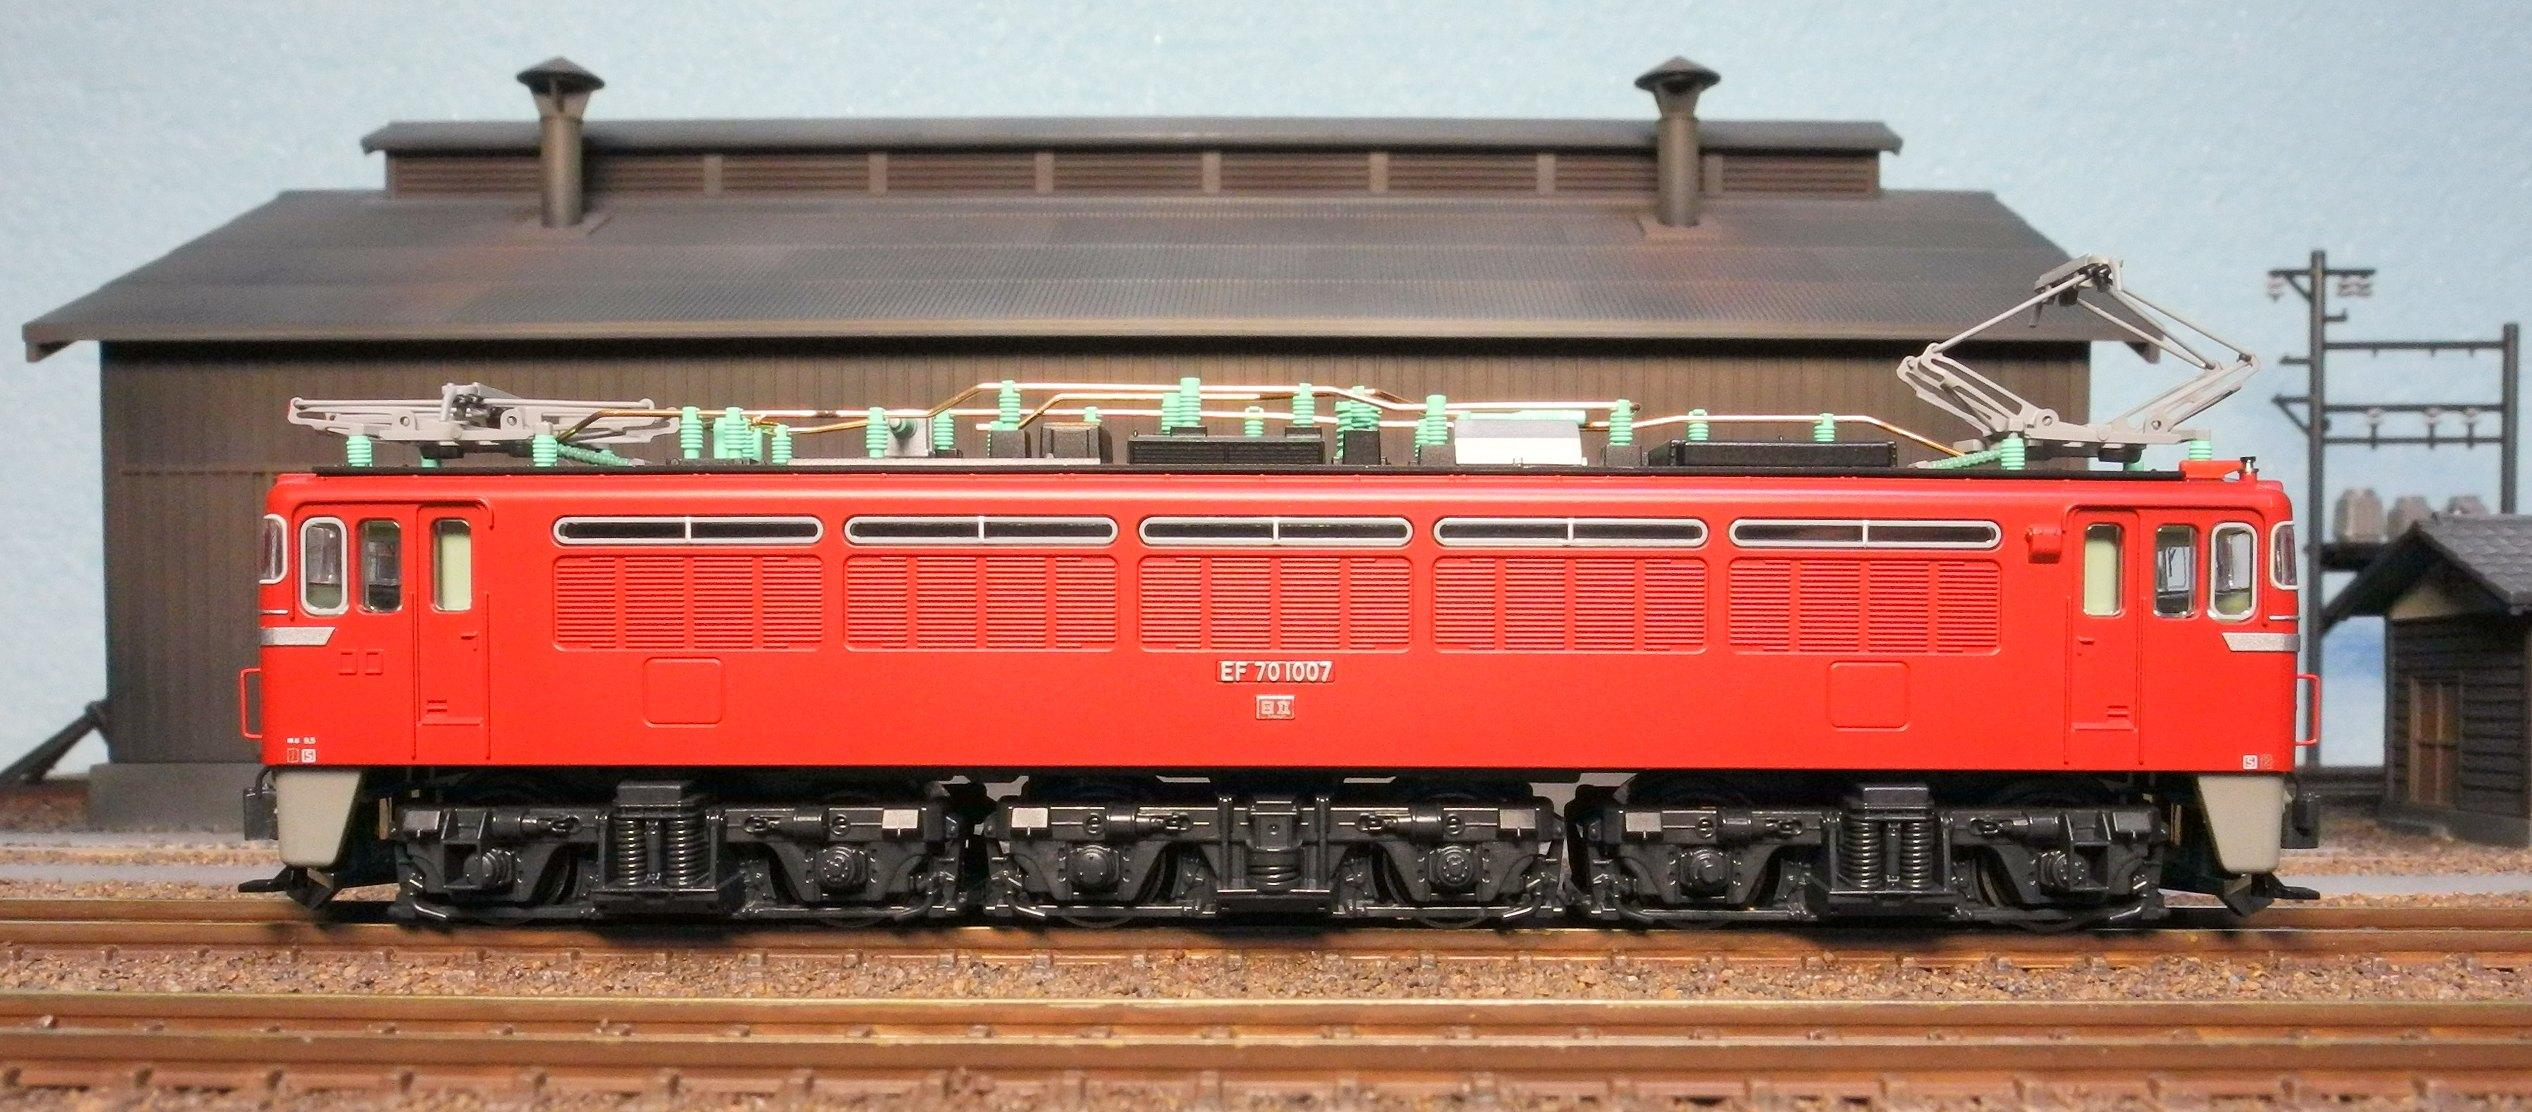 DSCN8020-1.jpg